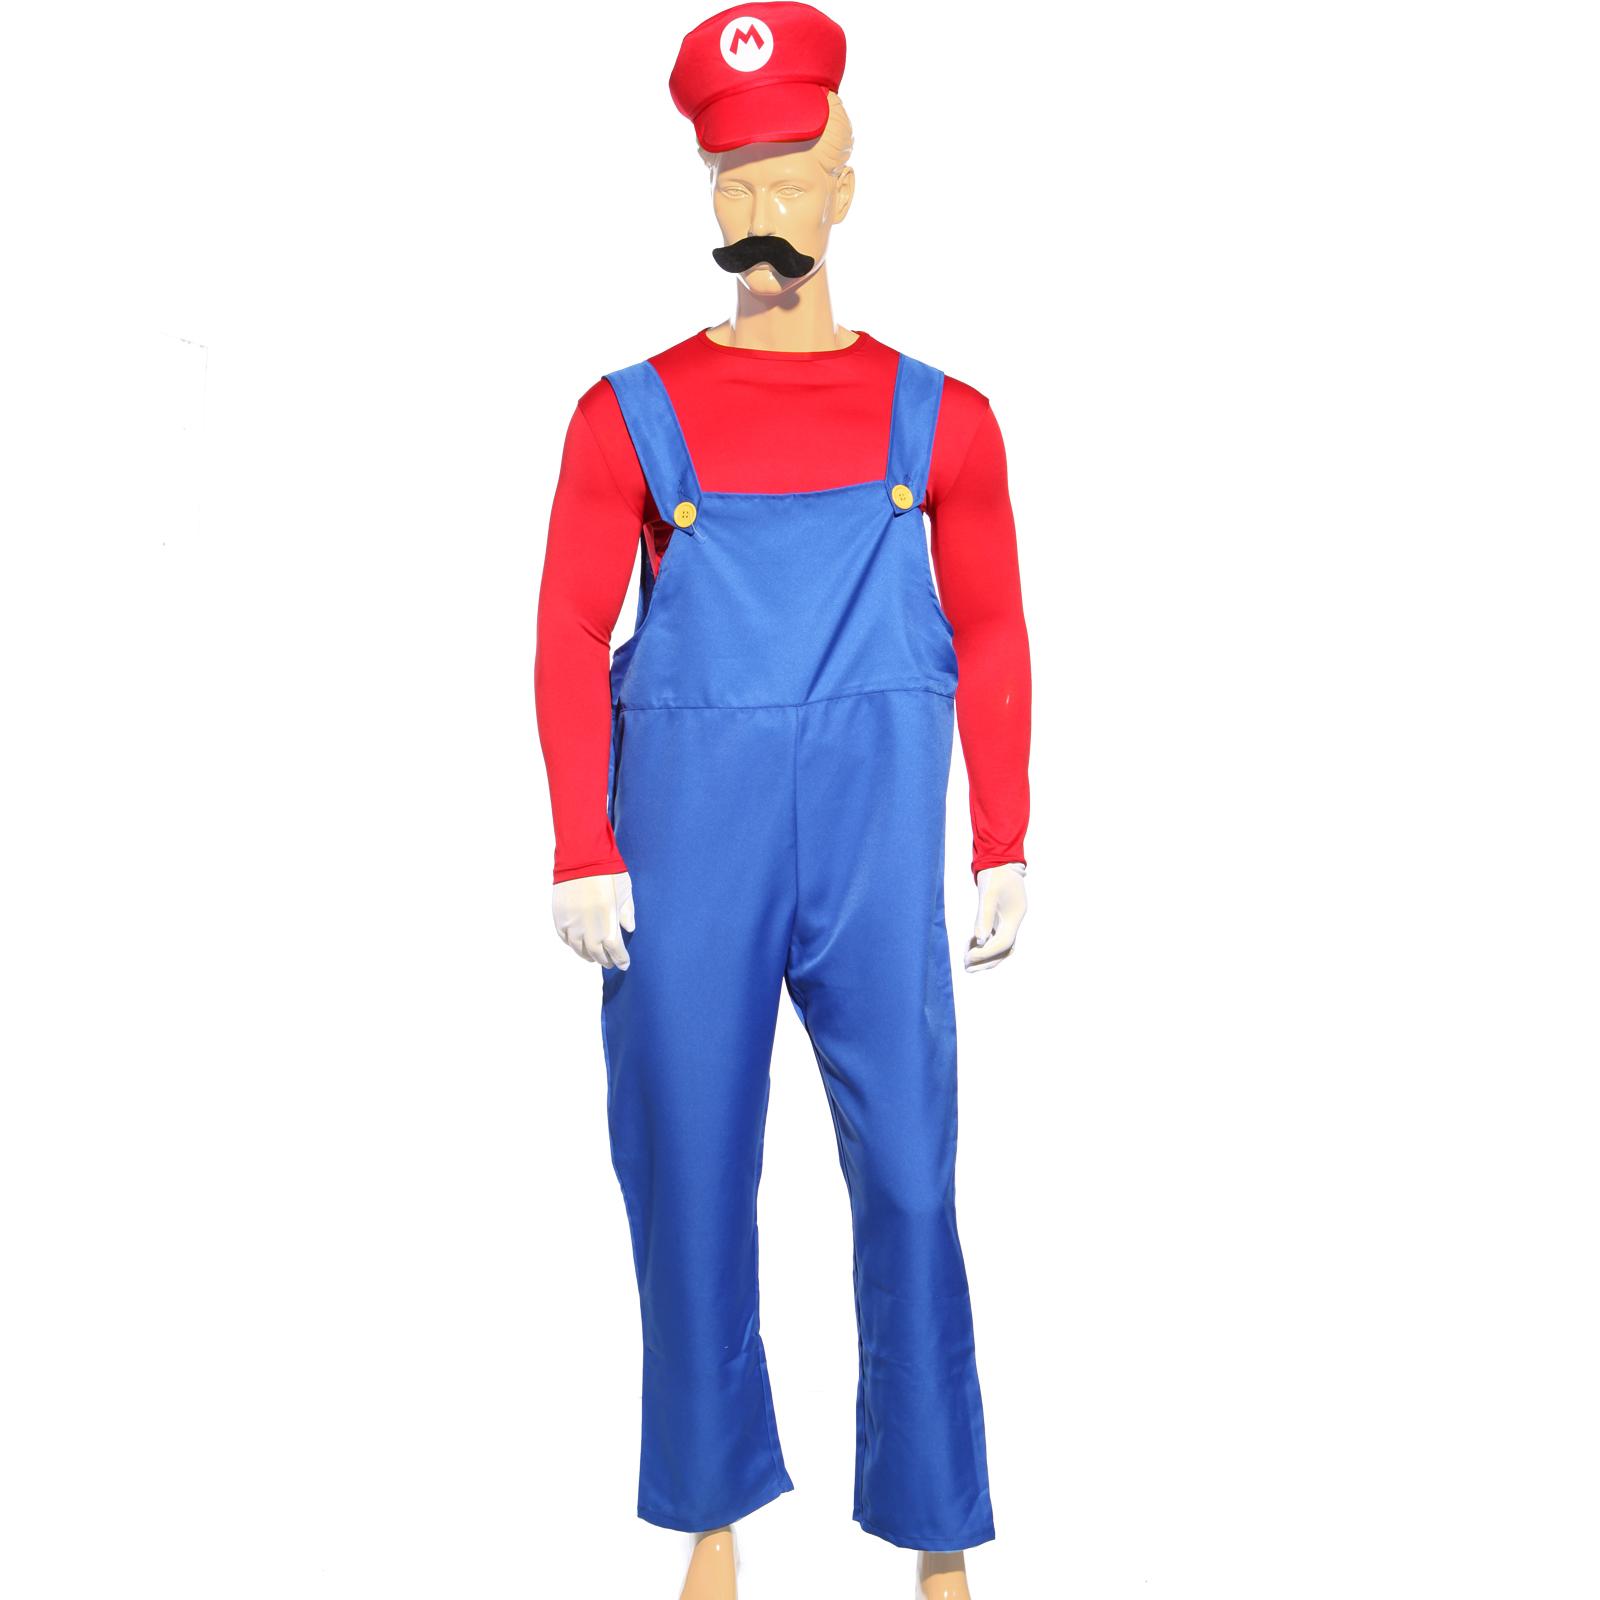 kit mario luigi homme 80s jeux super deguisement casquette moustache plombier ebay. Black Bedroom Furniture Sets. Home Design Ideas